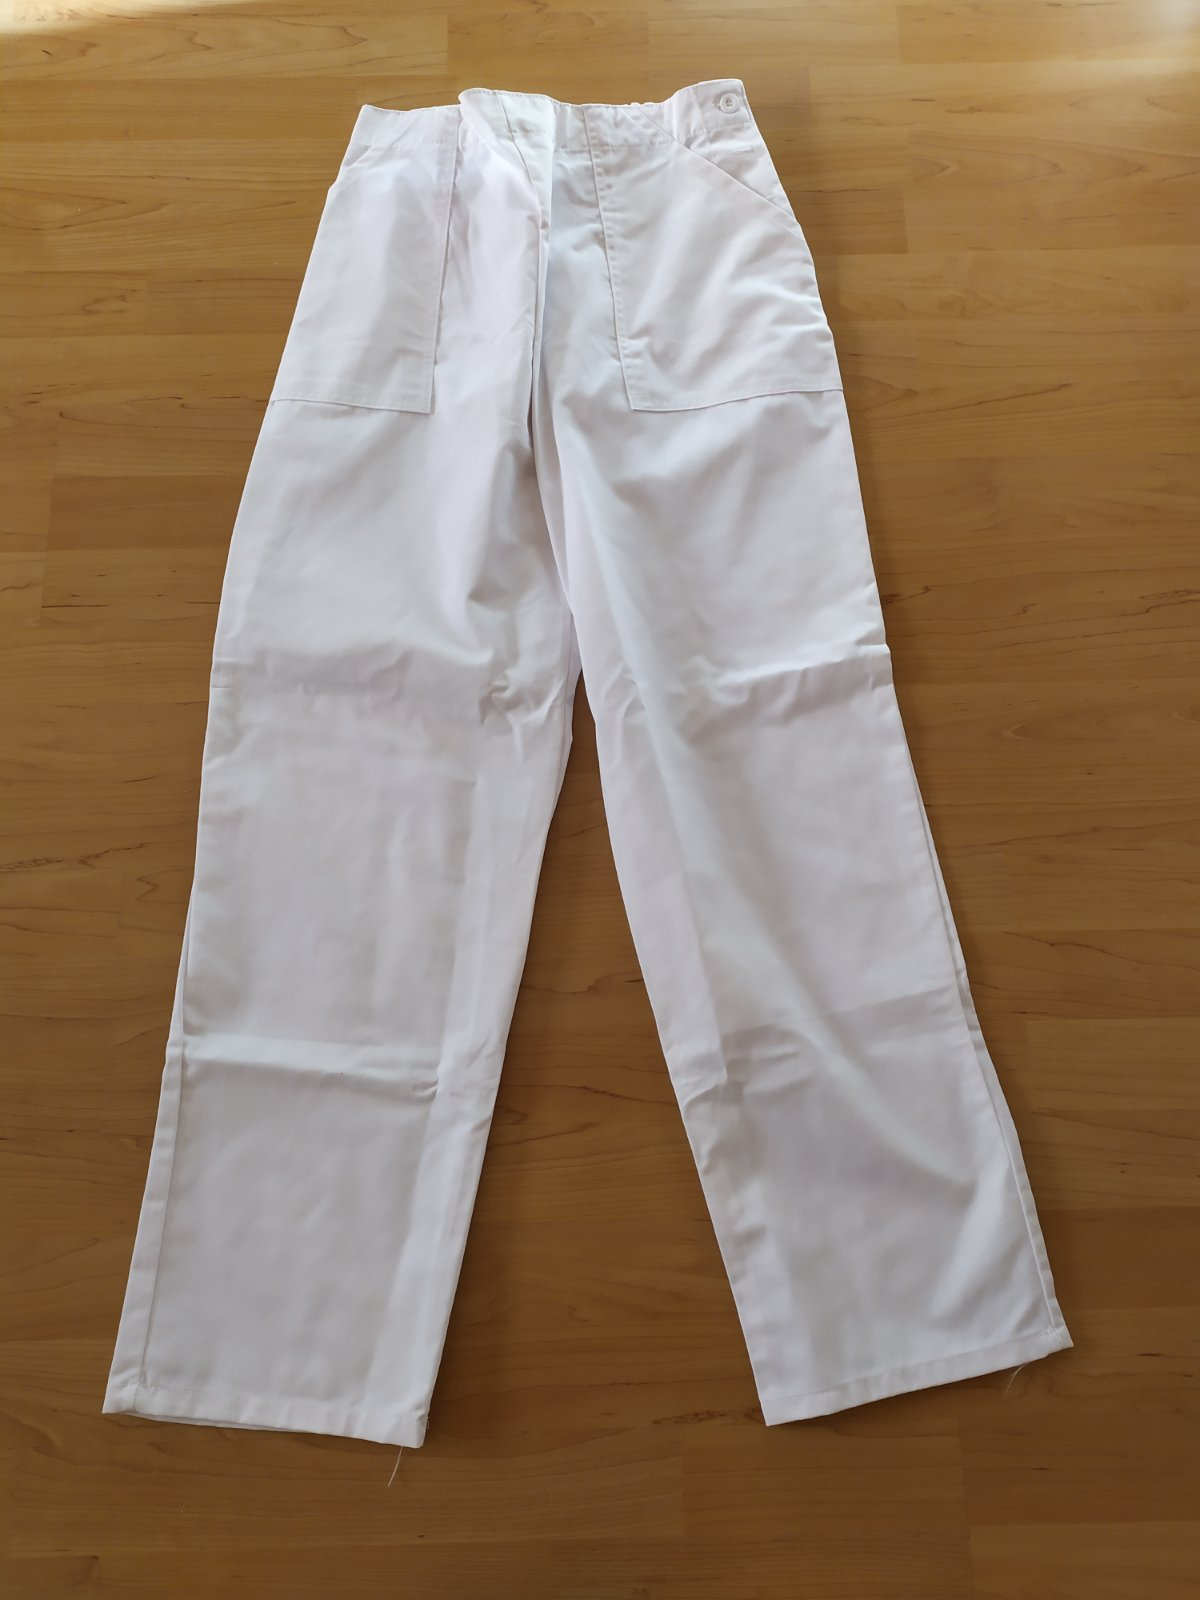 biele pracovné nohavice - Obrázok č. 1